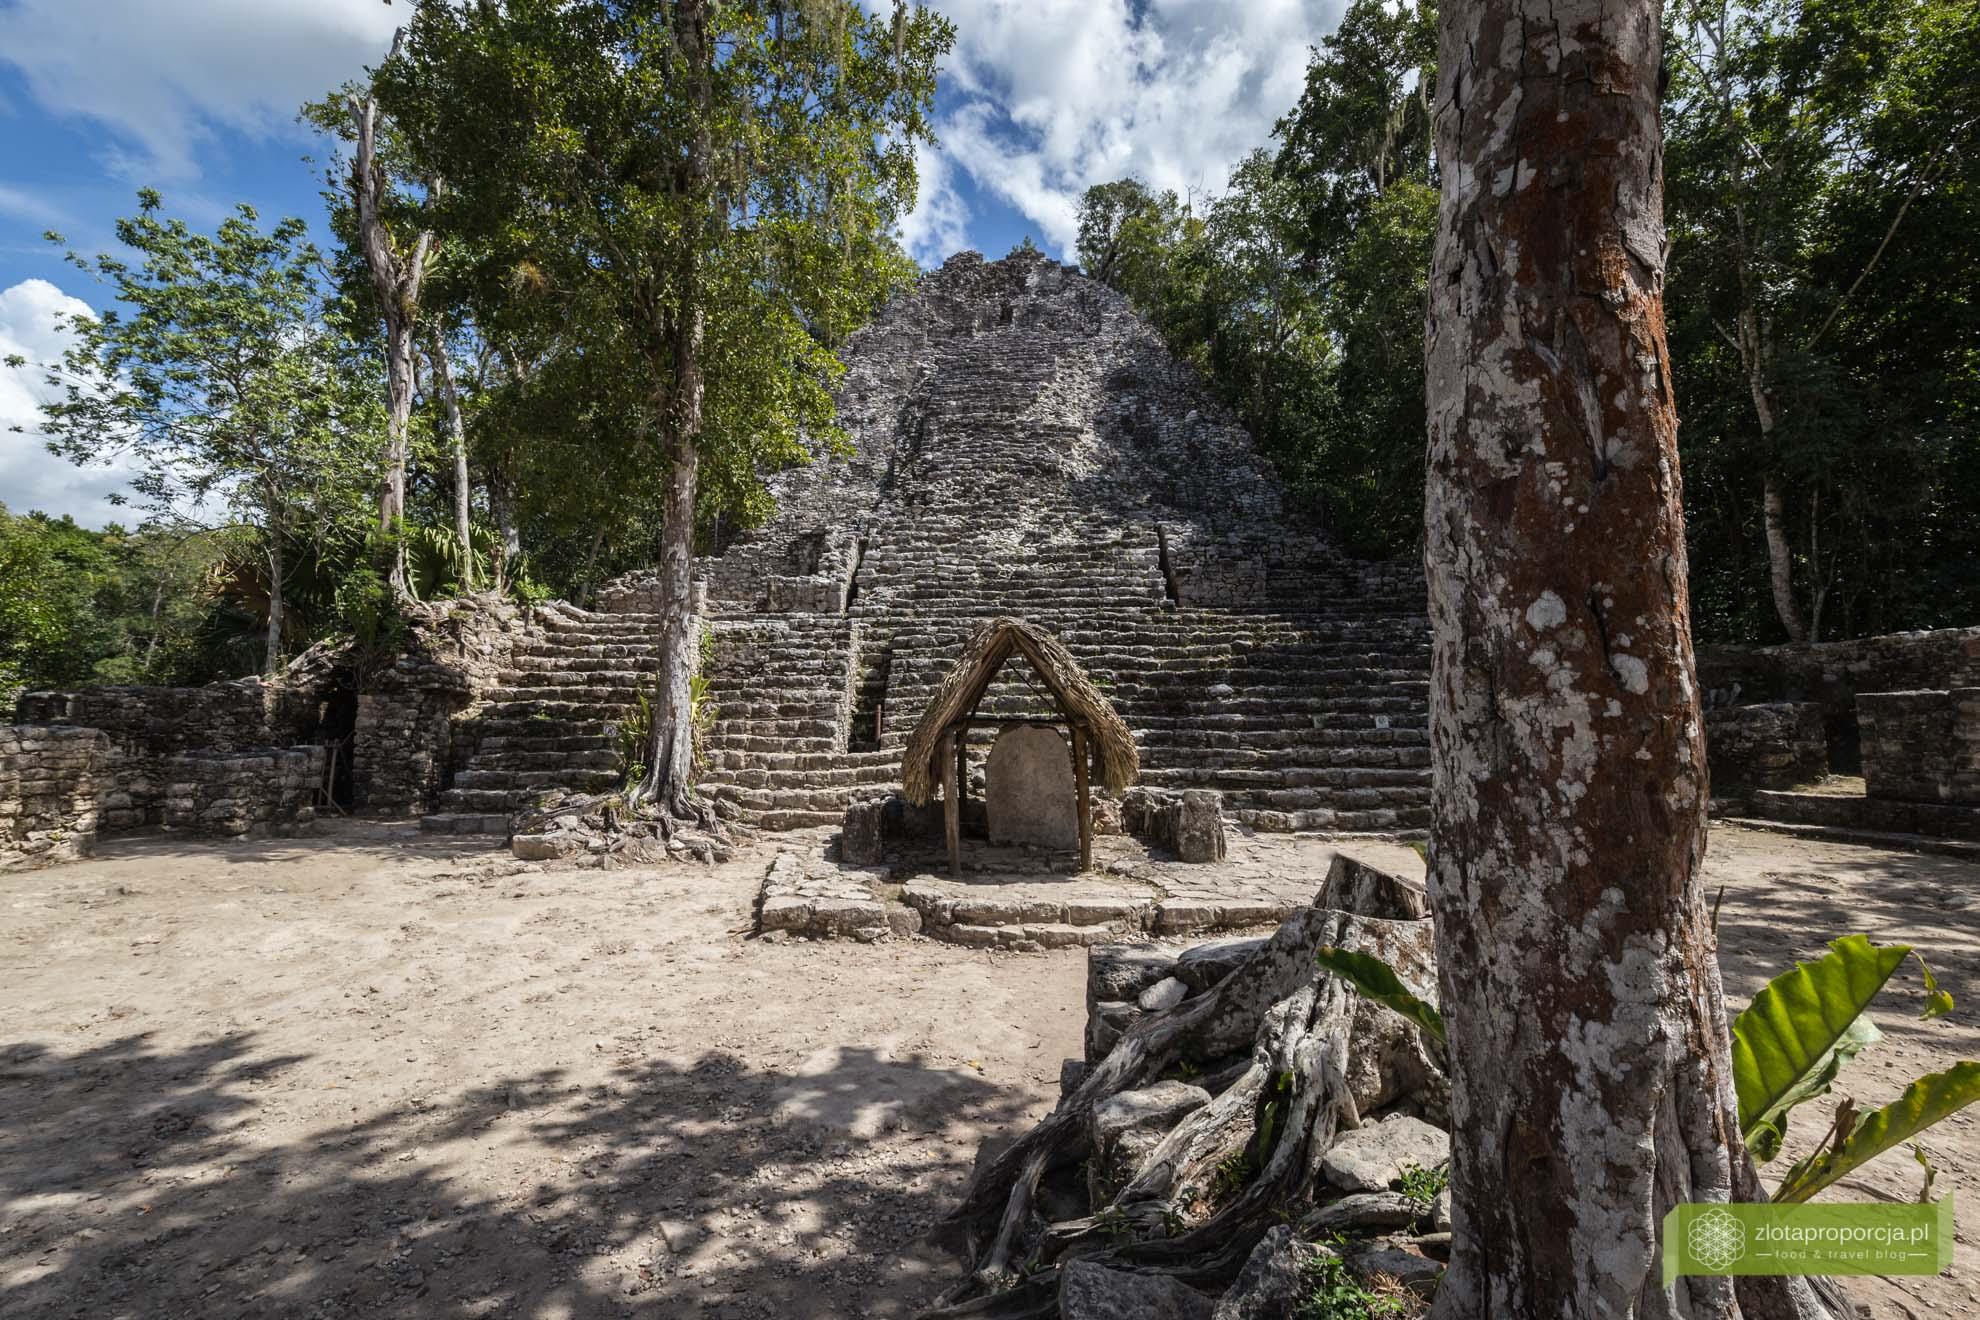 Meksyk, Miasta Majów, strefy archeologiczne na Jukatanie; Majowie budowle, Miasta Majów Meksyk, Majowie osiągnięcia; Coba, Miasta Majów Jukatan; La Iglesia Coba